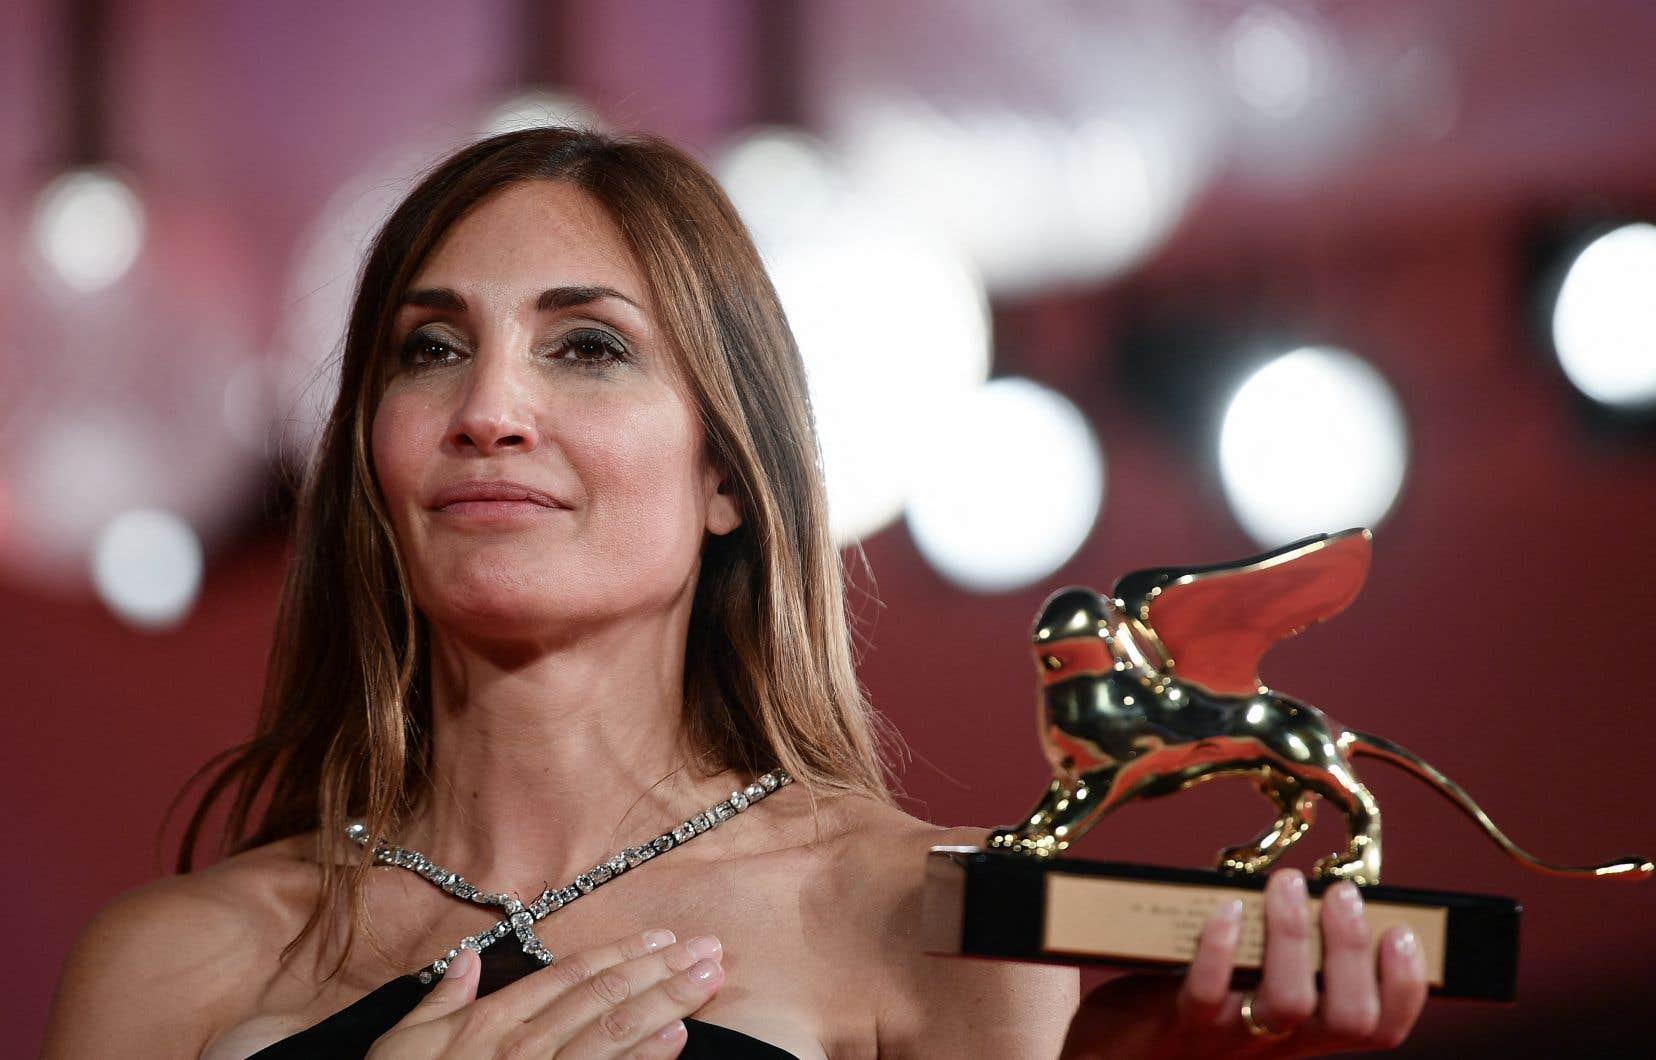 «Quelque chose est en train de changer. Une femme a gagné l'Oscar, une femme a gagné la Palme d'or, une femme a gagné le Lion d'Or. Ça signifie forcément quelque chose, ça ne peut pas être le hasard», a souligné Audrey Diwan.